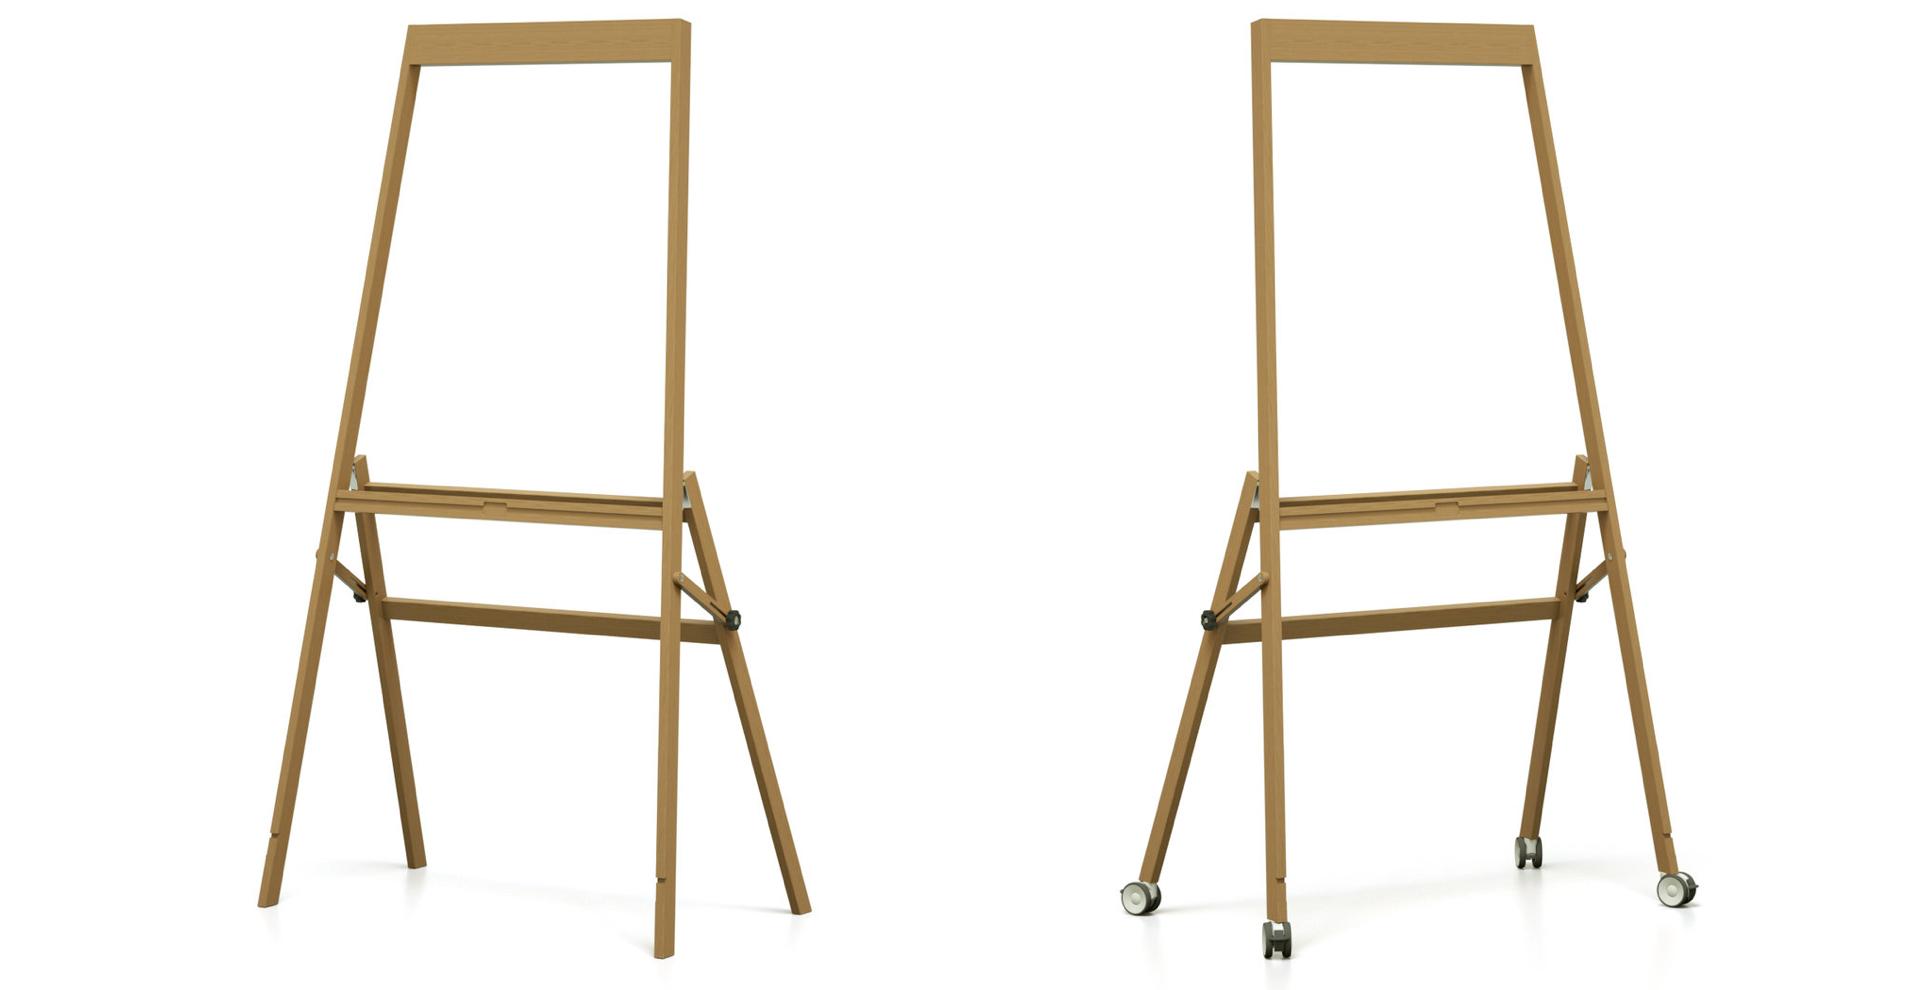 Leichtes und flexibles Design Whiteboard Gestell ideal für Design Thinking Teams und Coworking Spaces